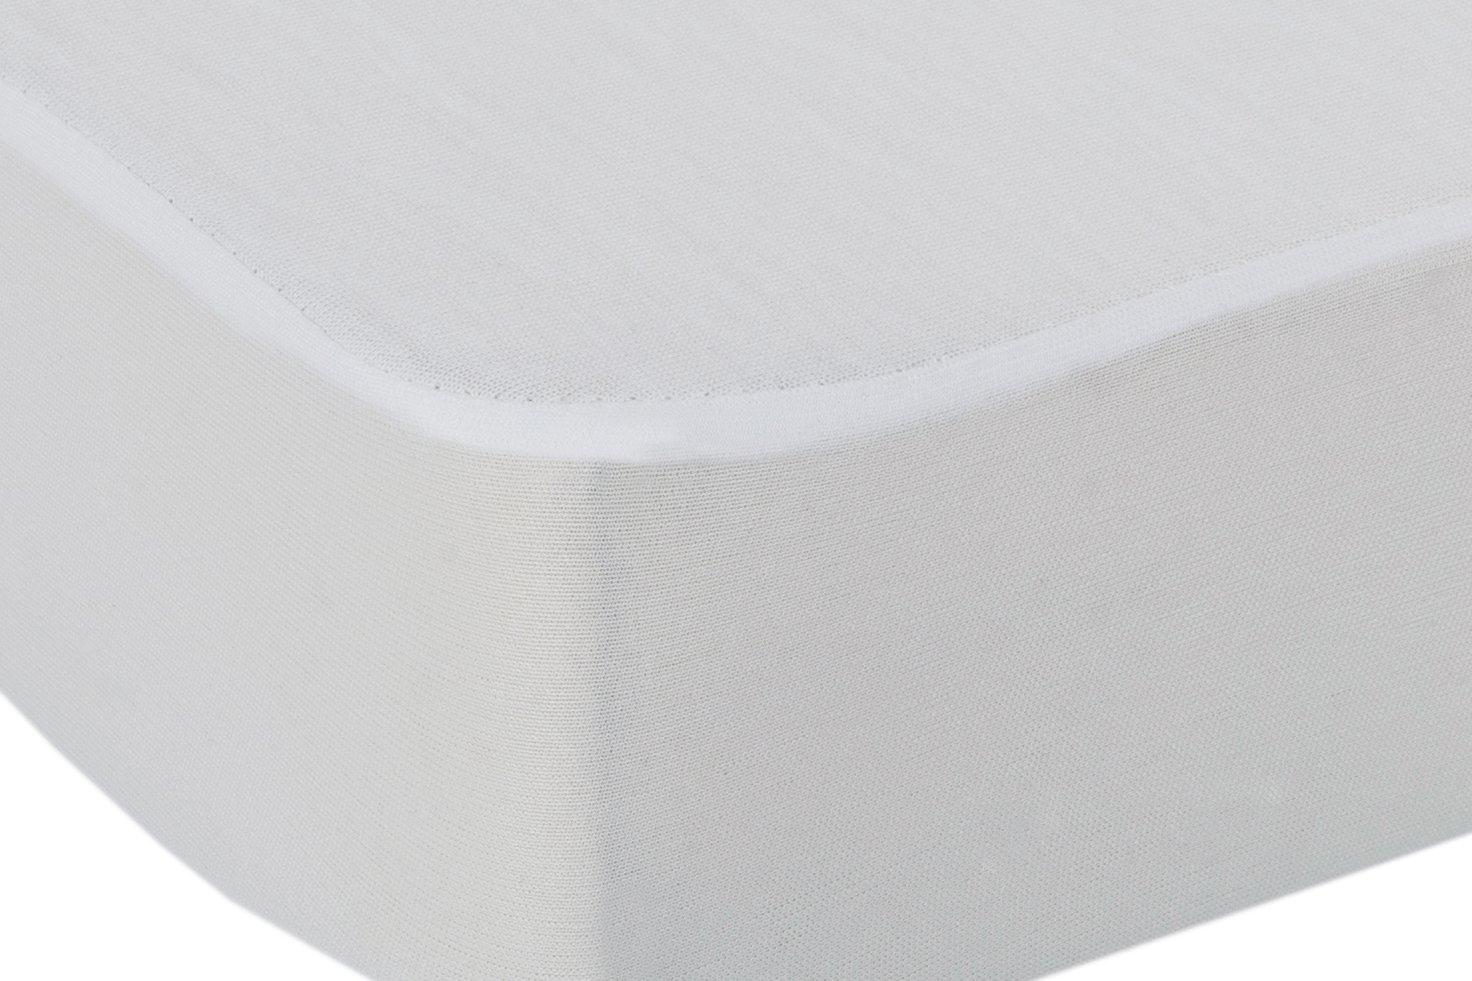 BSensible Tencel Sábana bajera protectora impermeable y transpirable Blanco (Blanco) 200 x 200: Amazon.es: Hogar